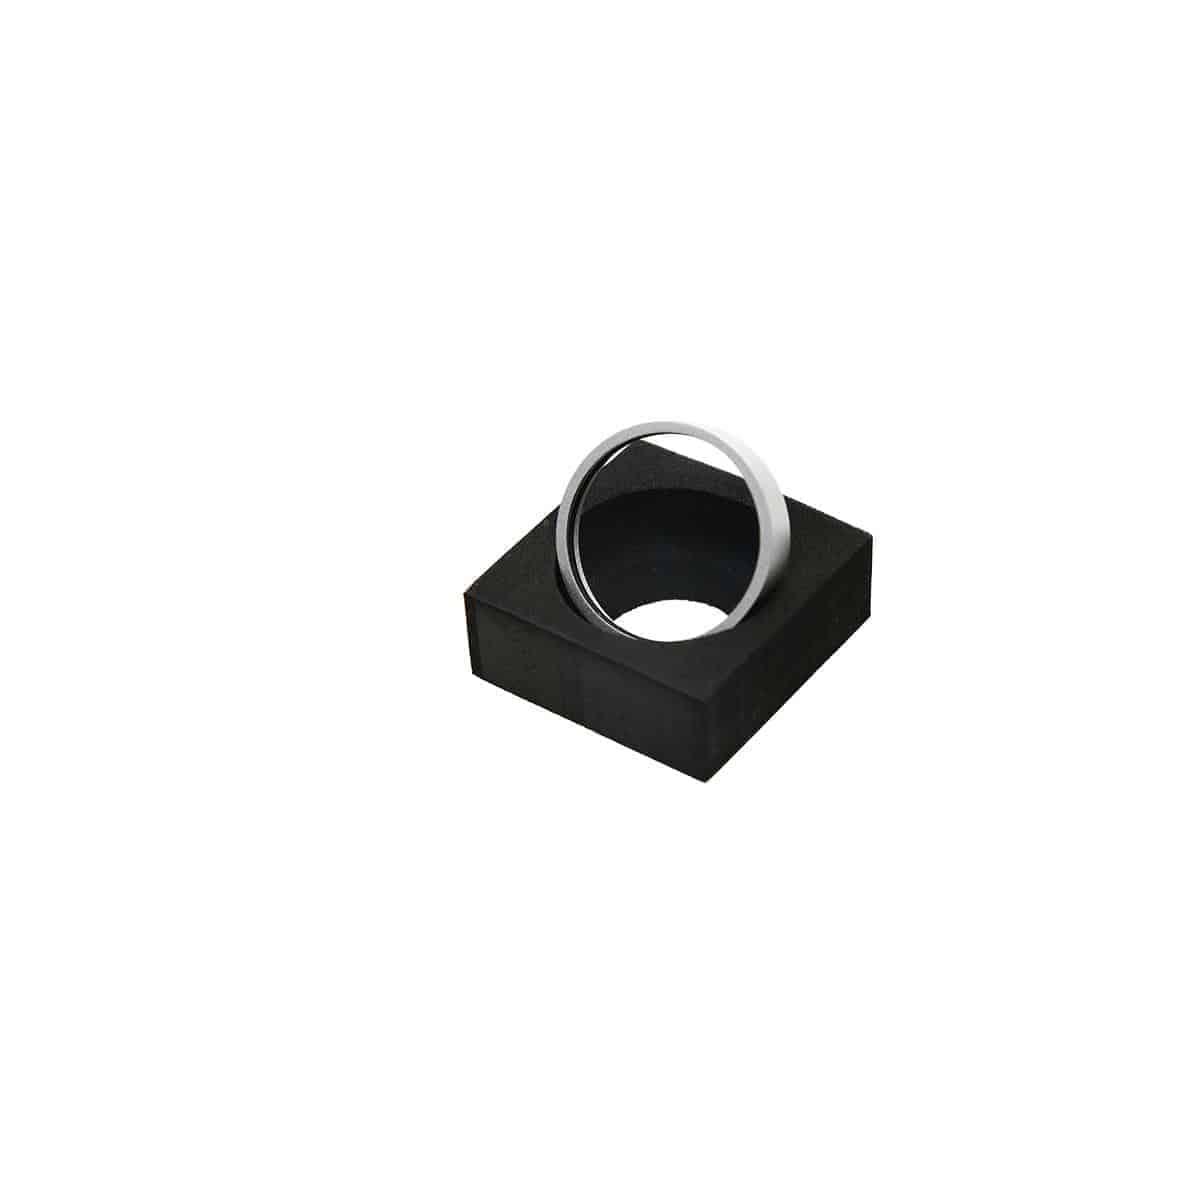 DJI Phantom 3 UV Filter